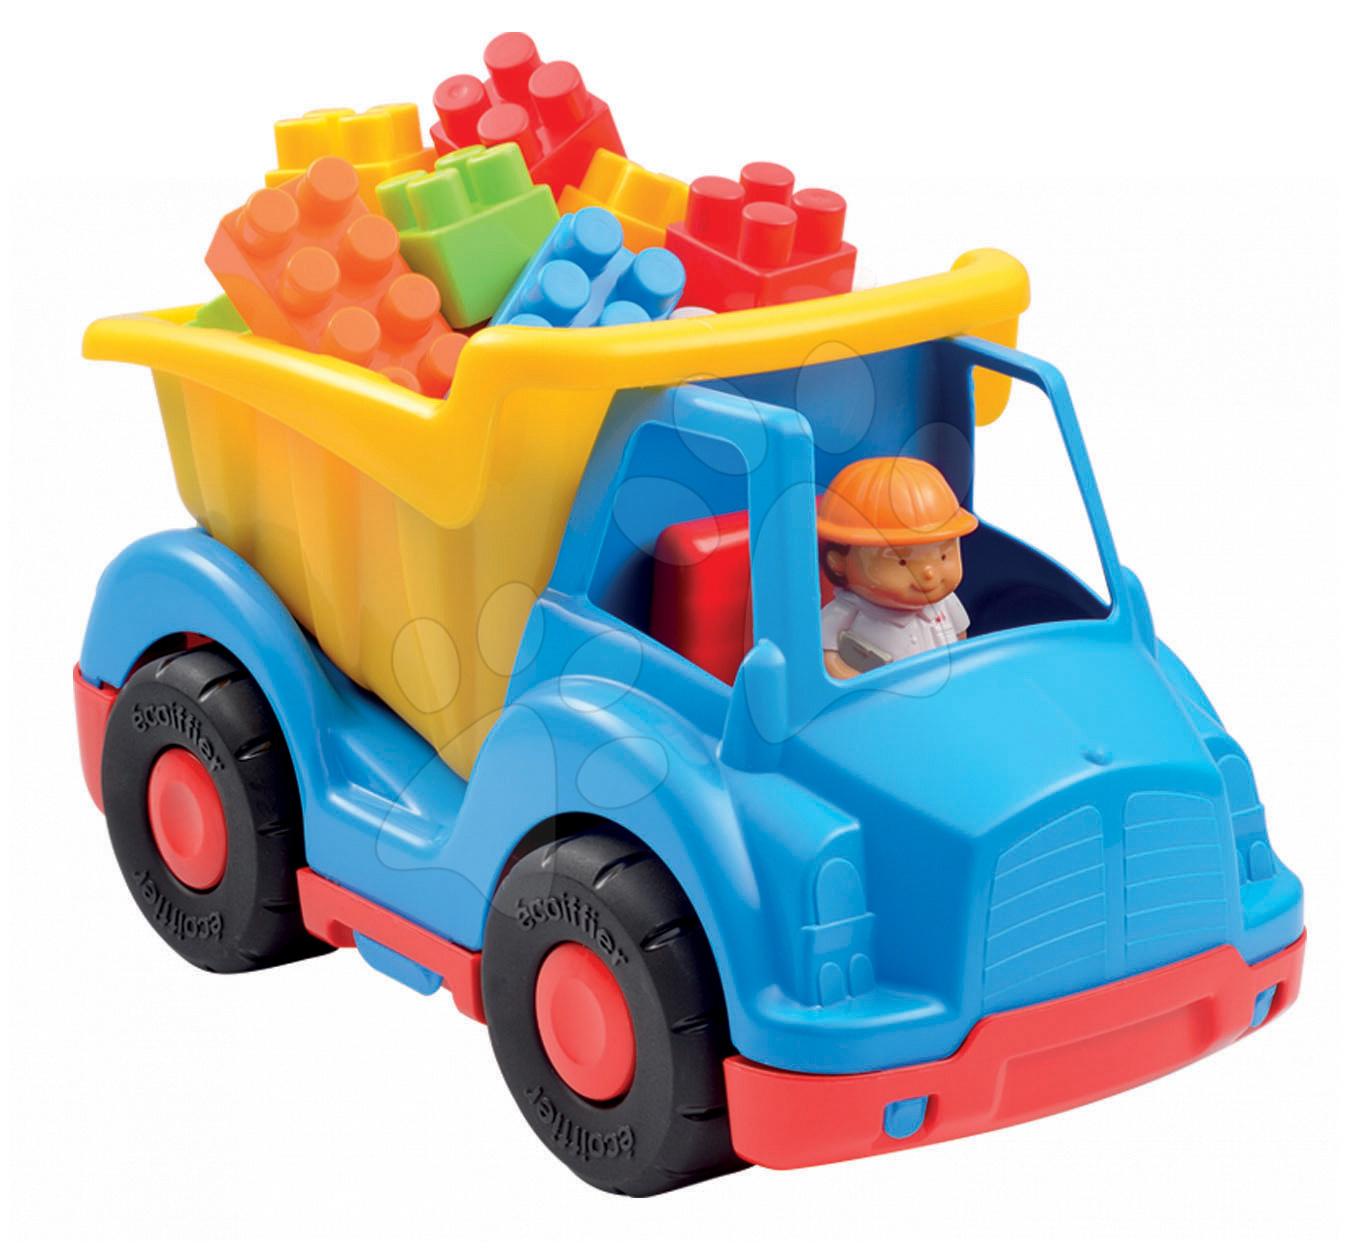 Stavebnice Abrick - vyklápěč s kostkami Écoiffier modro-červeno-žlutý s řidičem od 18 měsíců